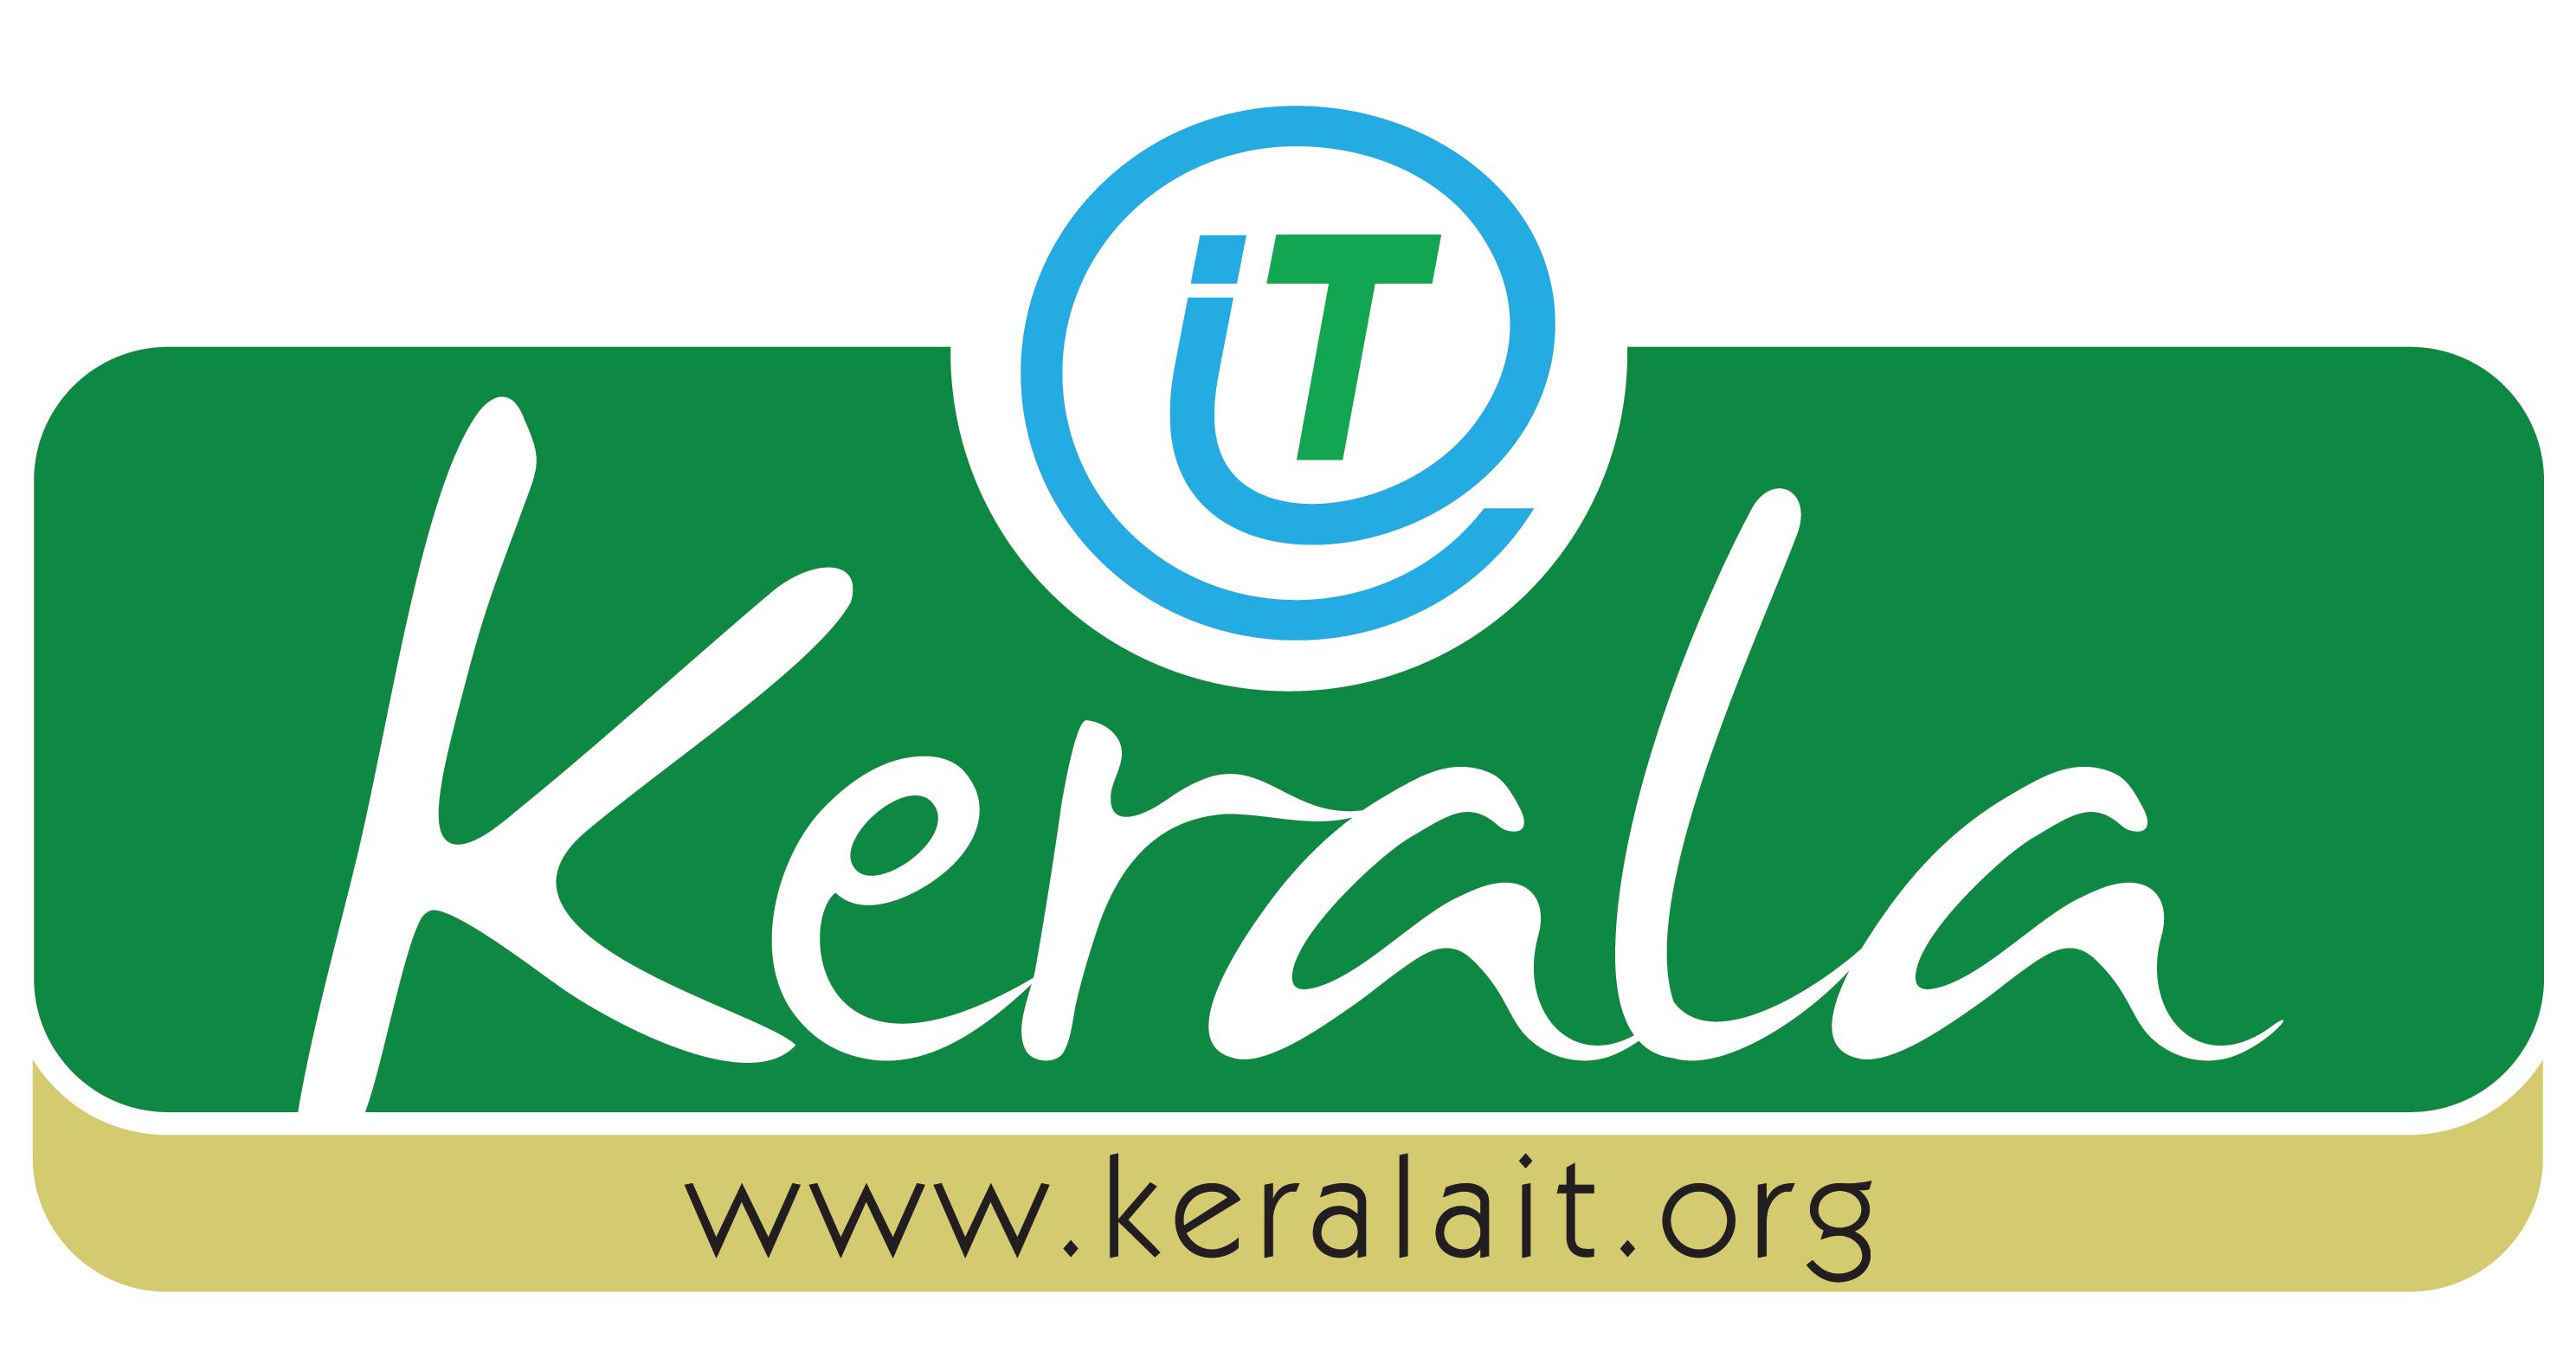 Kerala IT Logo OLD